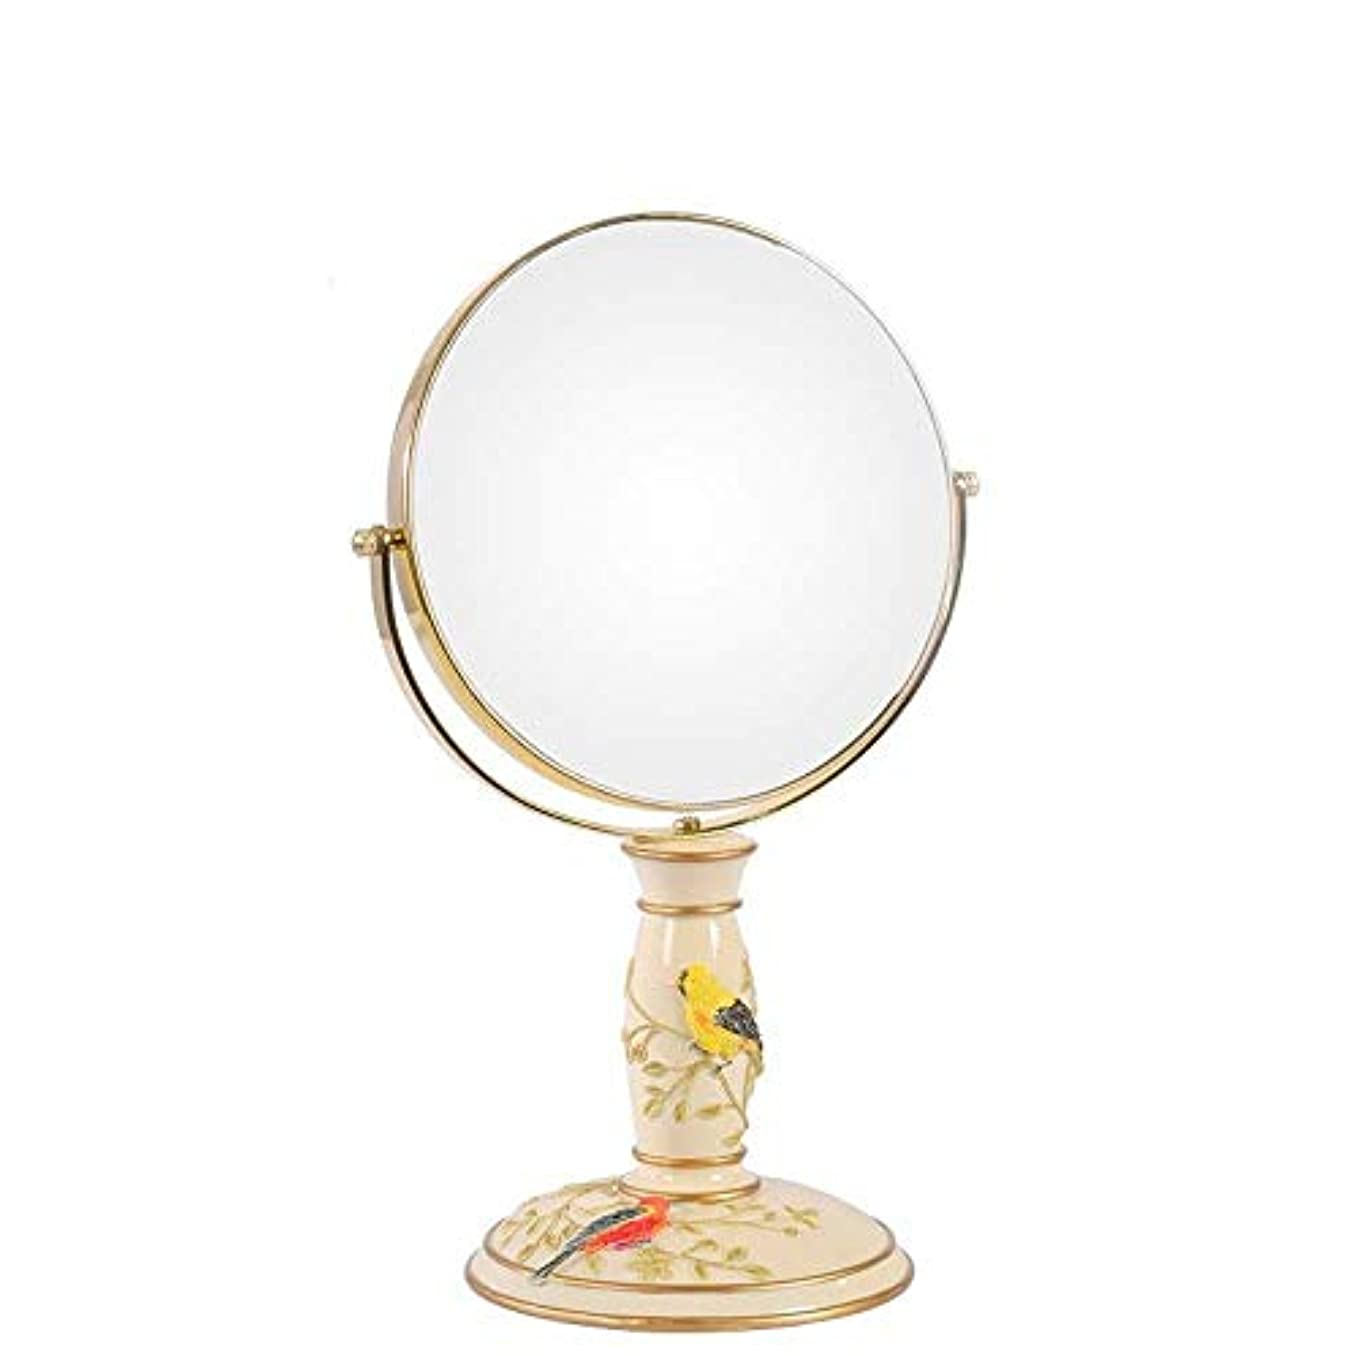 できる神話導体流行の ビンテージ化粧鏡、鏡360°回転スタンド、倍率1倍、3倍、ラウンドダブル両面回転化粧鏡